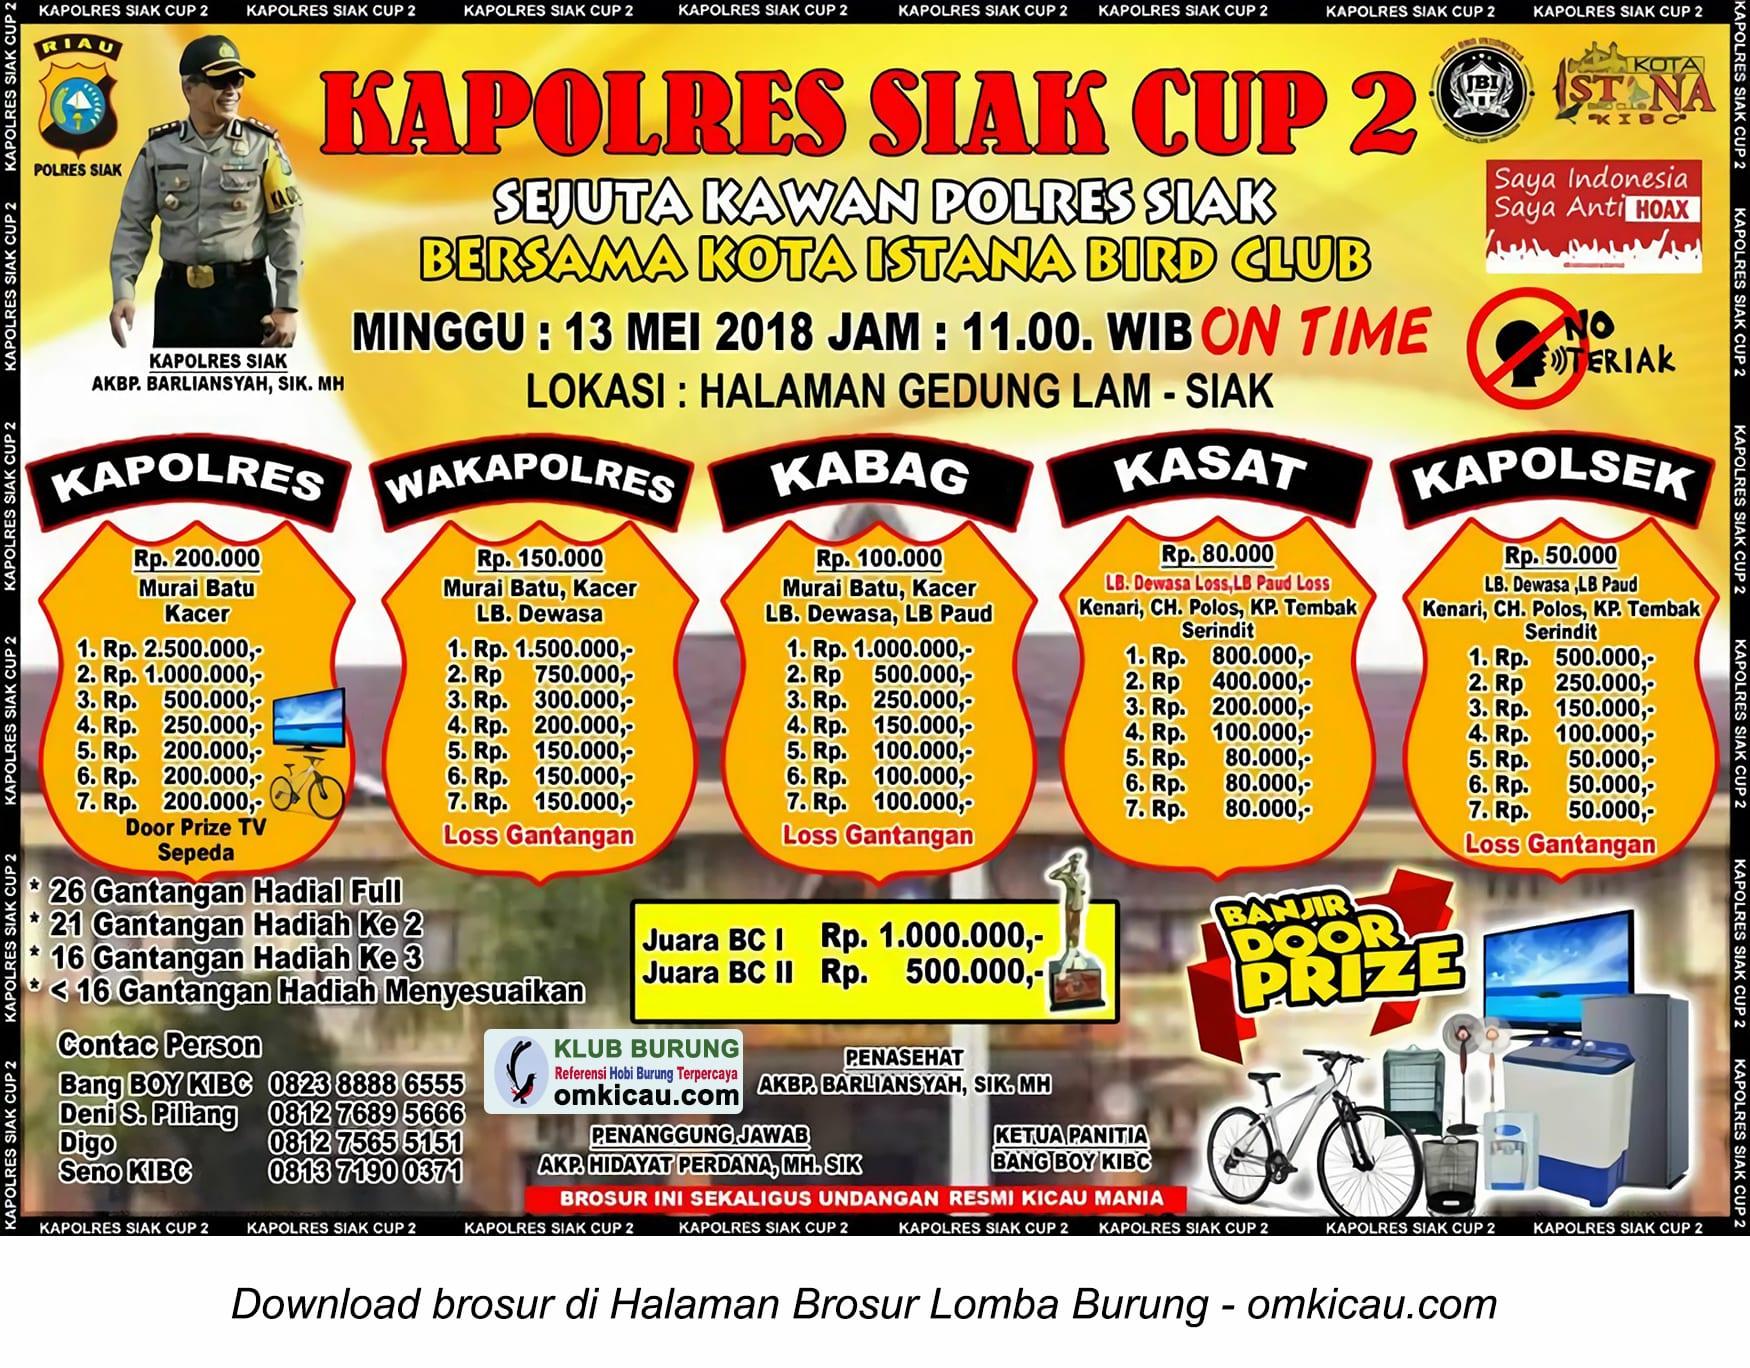 Kapolres Siak Cup 2